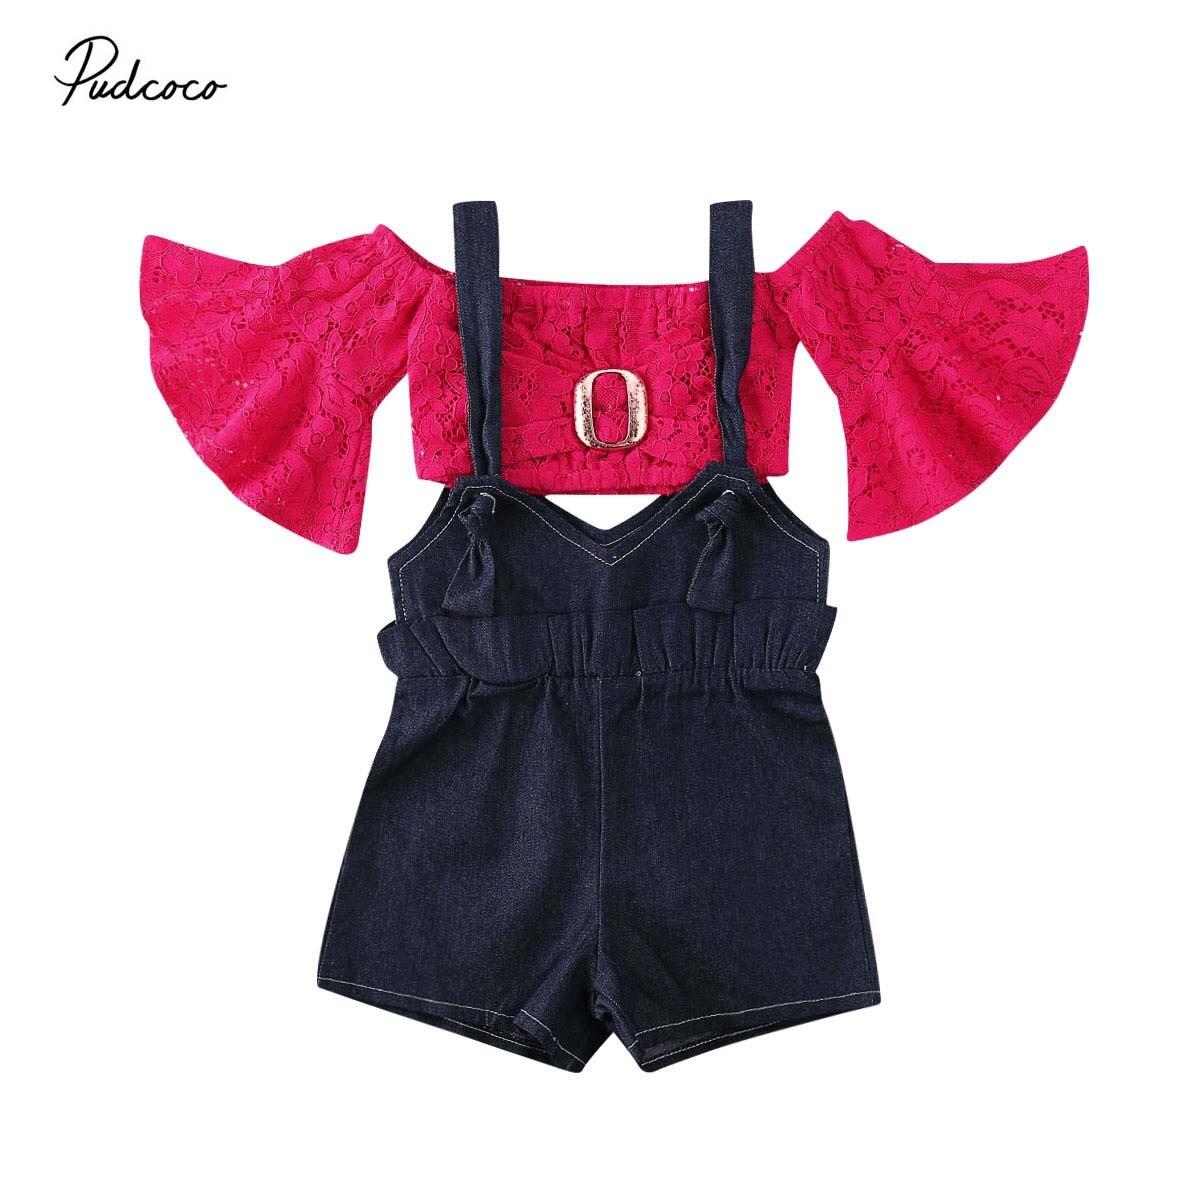 2020 conjuntos de ropa para niñas pequeñas de moda de encaje Floral camiseta de tubo Rosa pantalones cortos de mezclilla con babero trajes para niños 2 uds